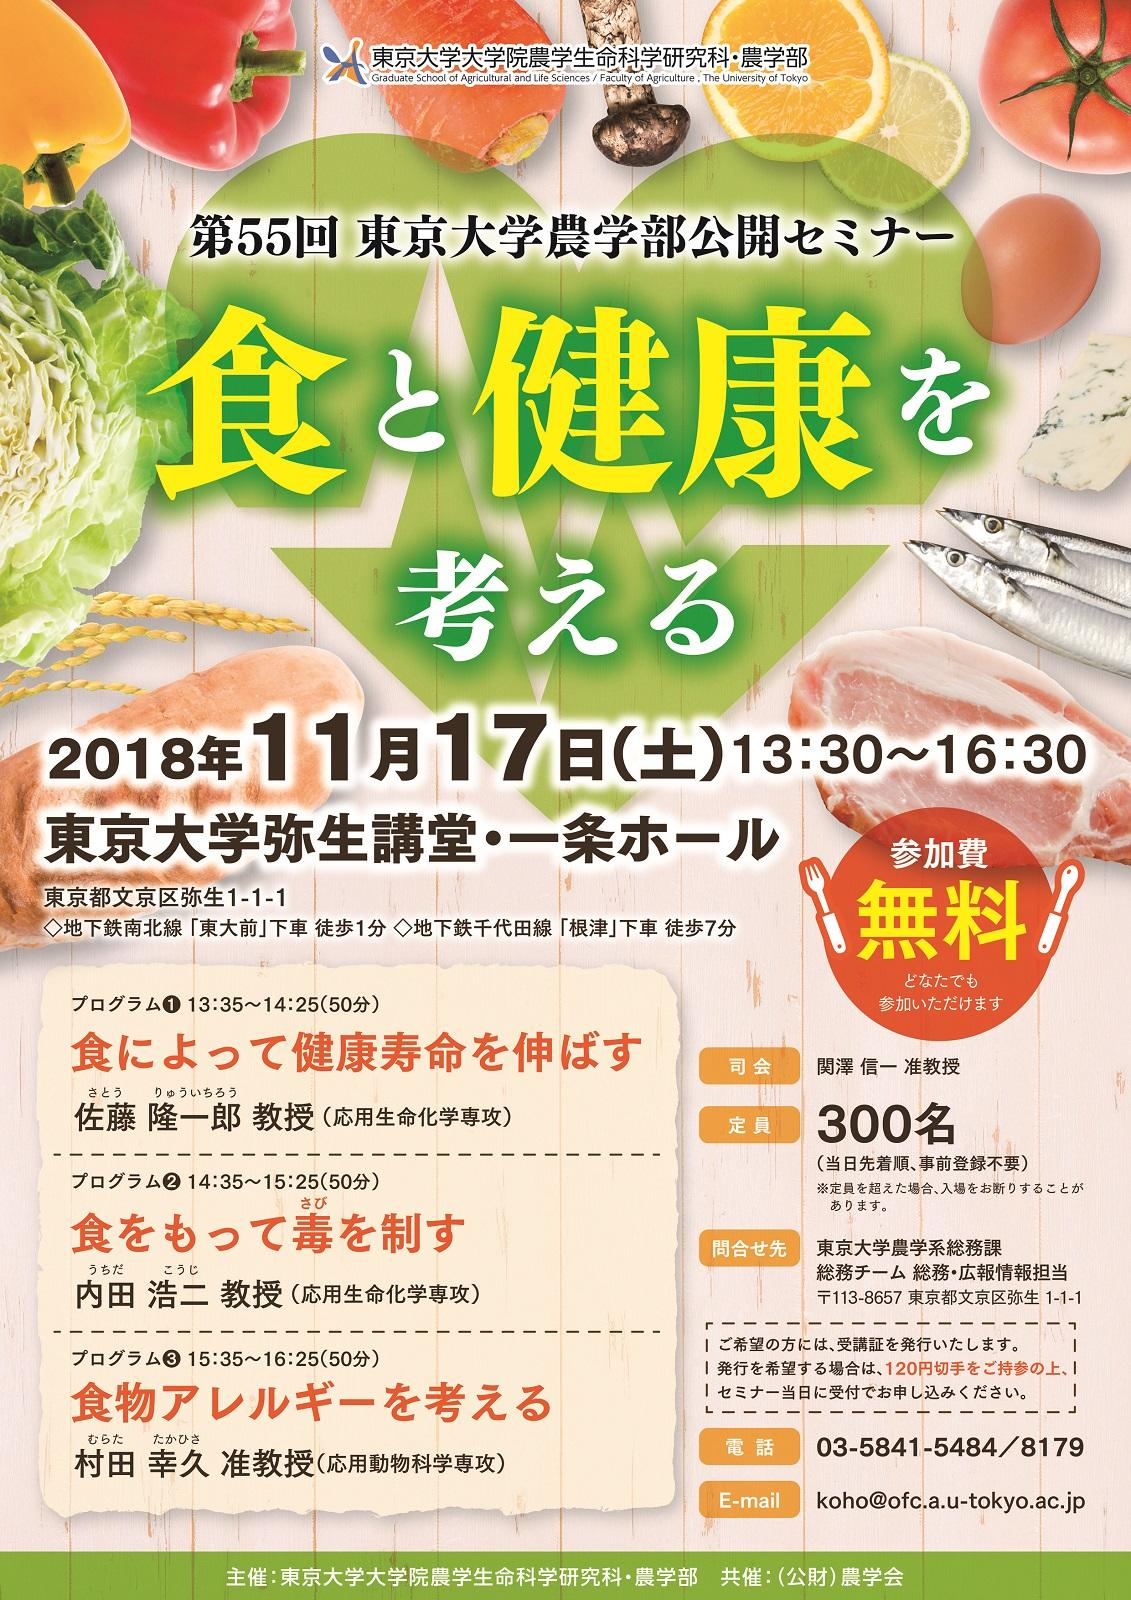 東京大学農学部公開セミナー「食と健康を考える」の開催